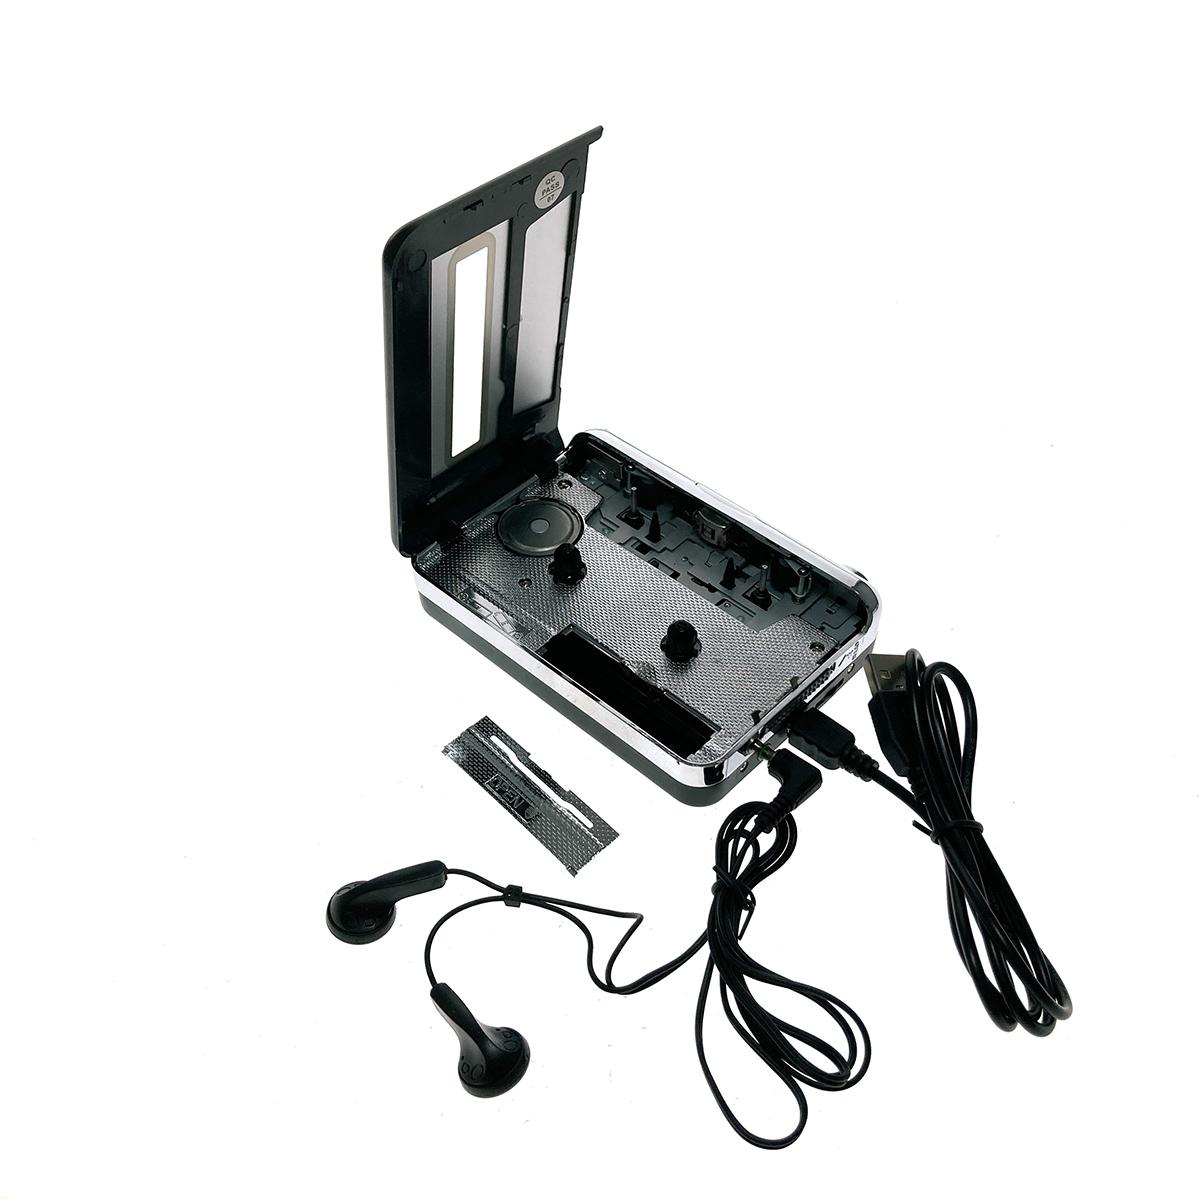 Кассетный плеер USB 2.0 с МР3 конвертером для оцифровки аудиокассет в МР3, Cassette Capture EZCAP